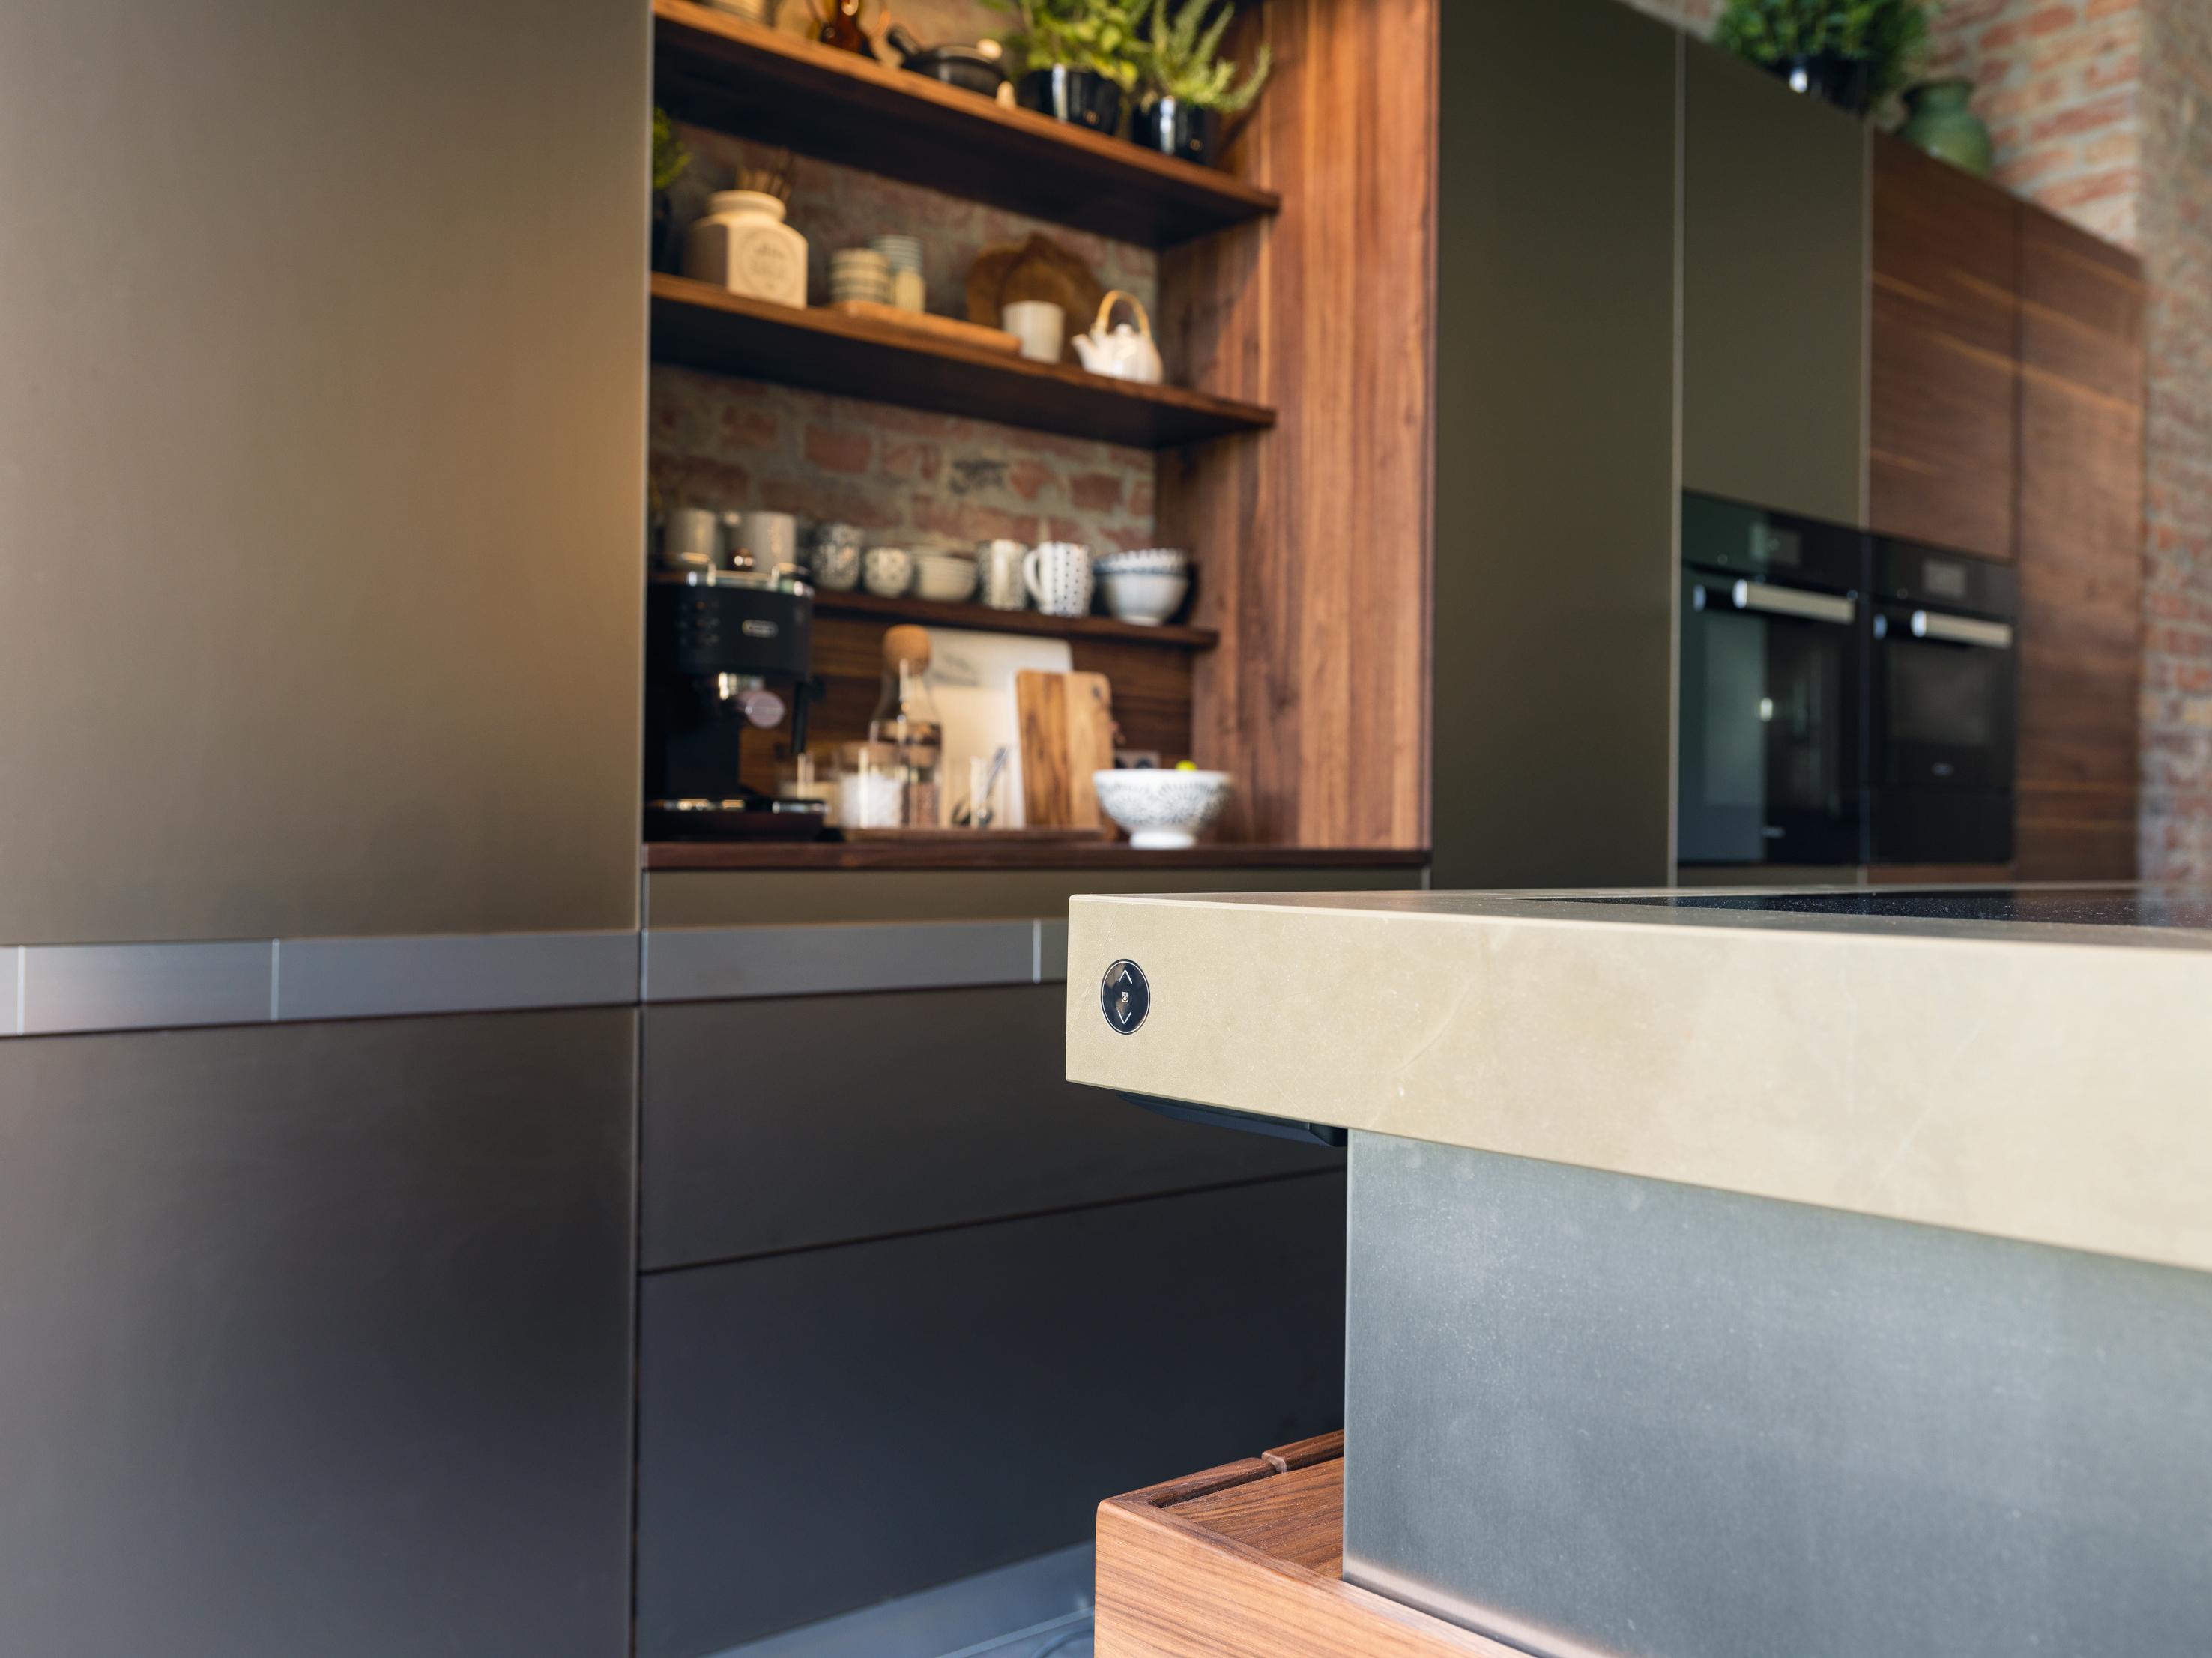 Groß Kücheninsel Lichter Lowes Galerie - Ideen Für Die Küche ...